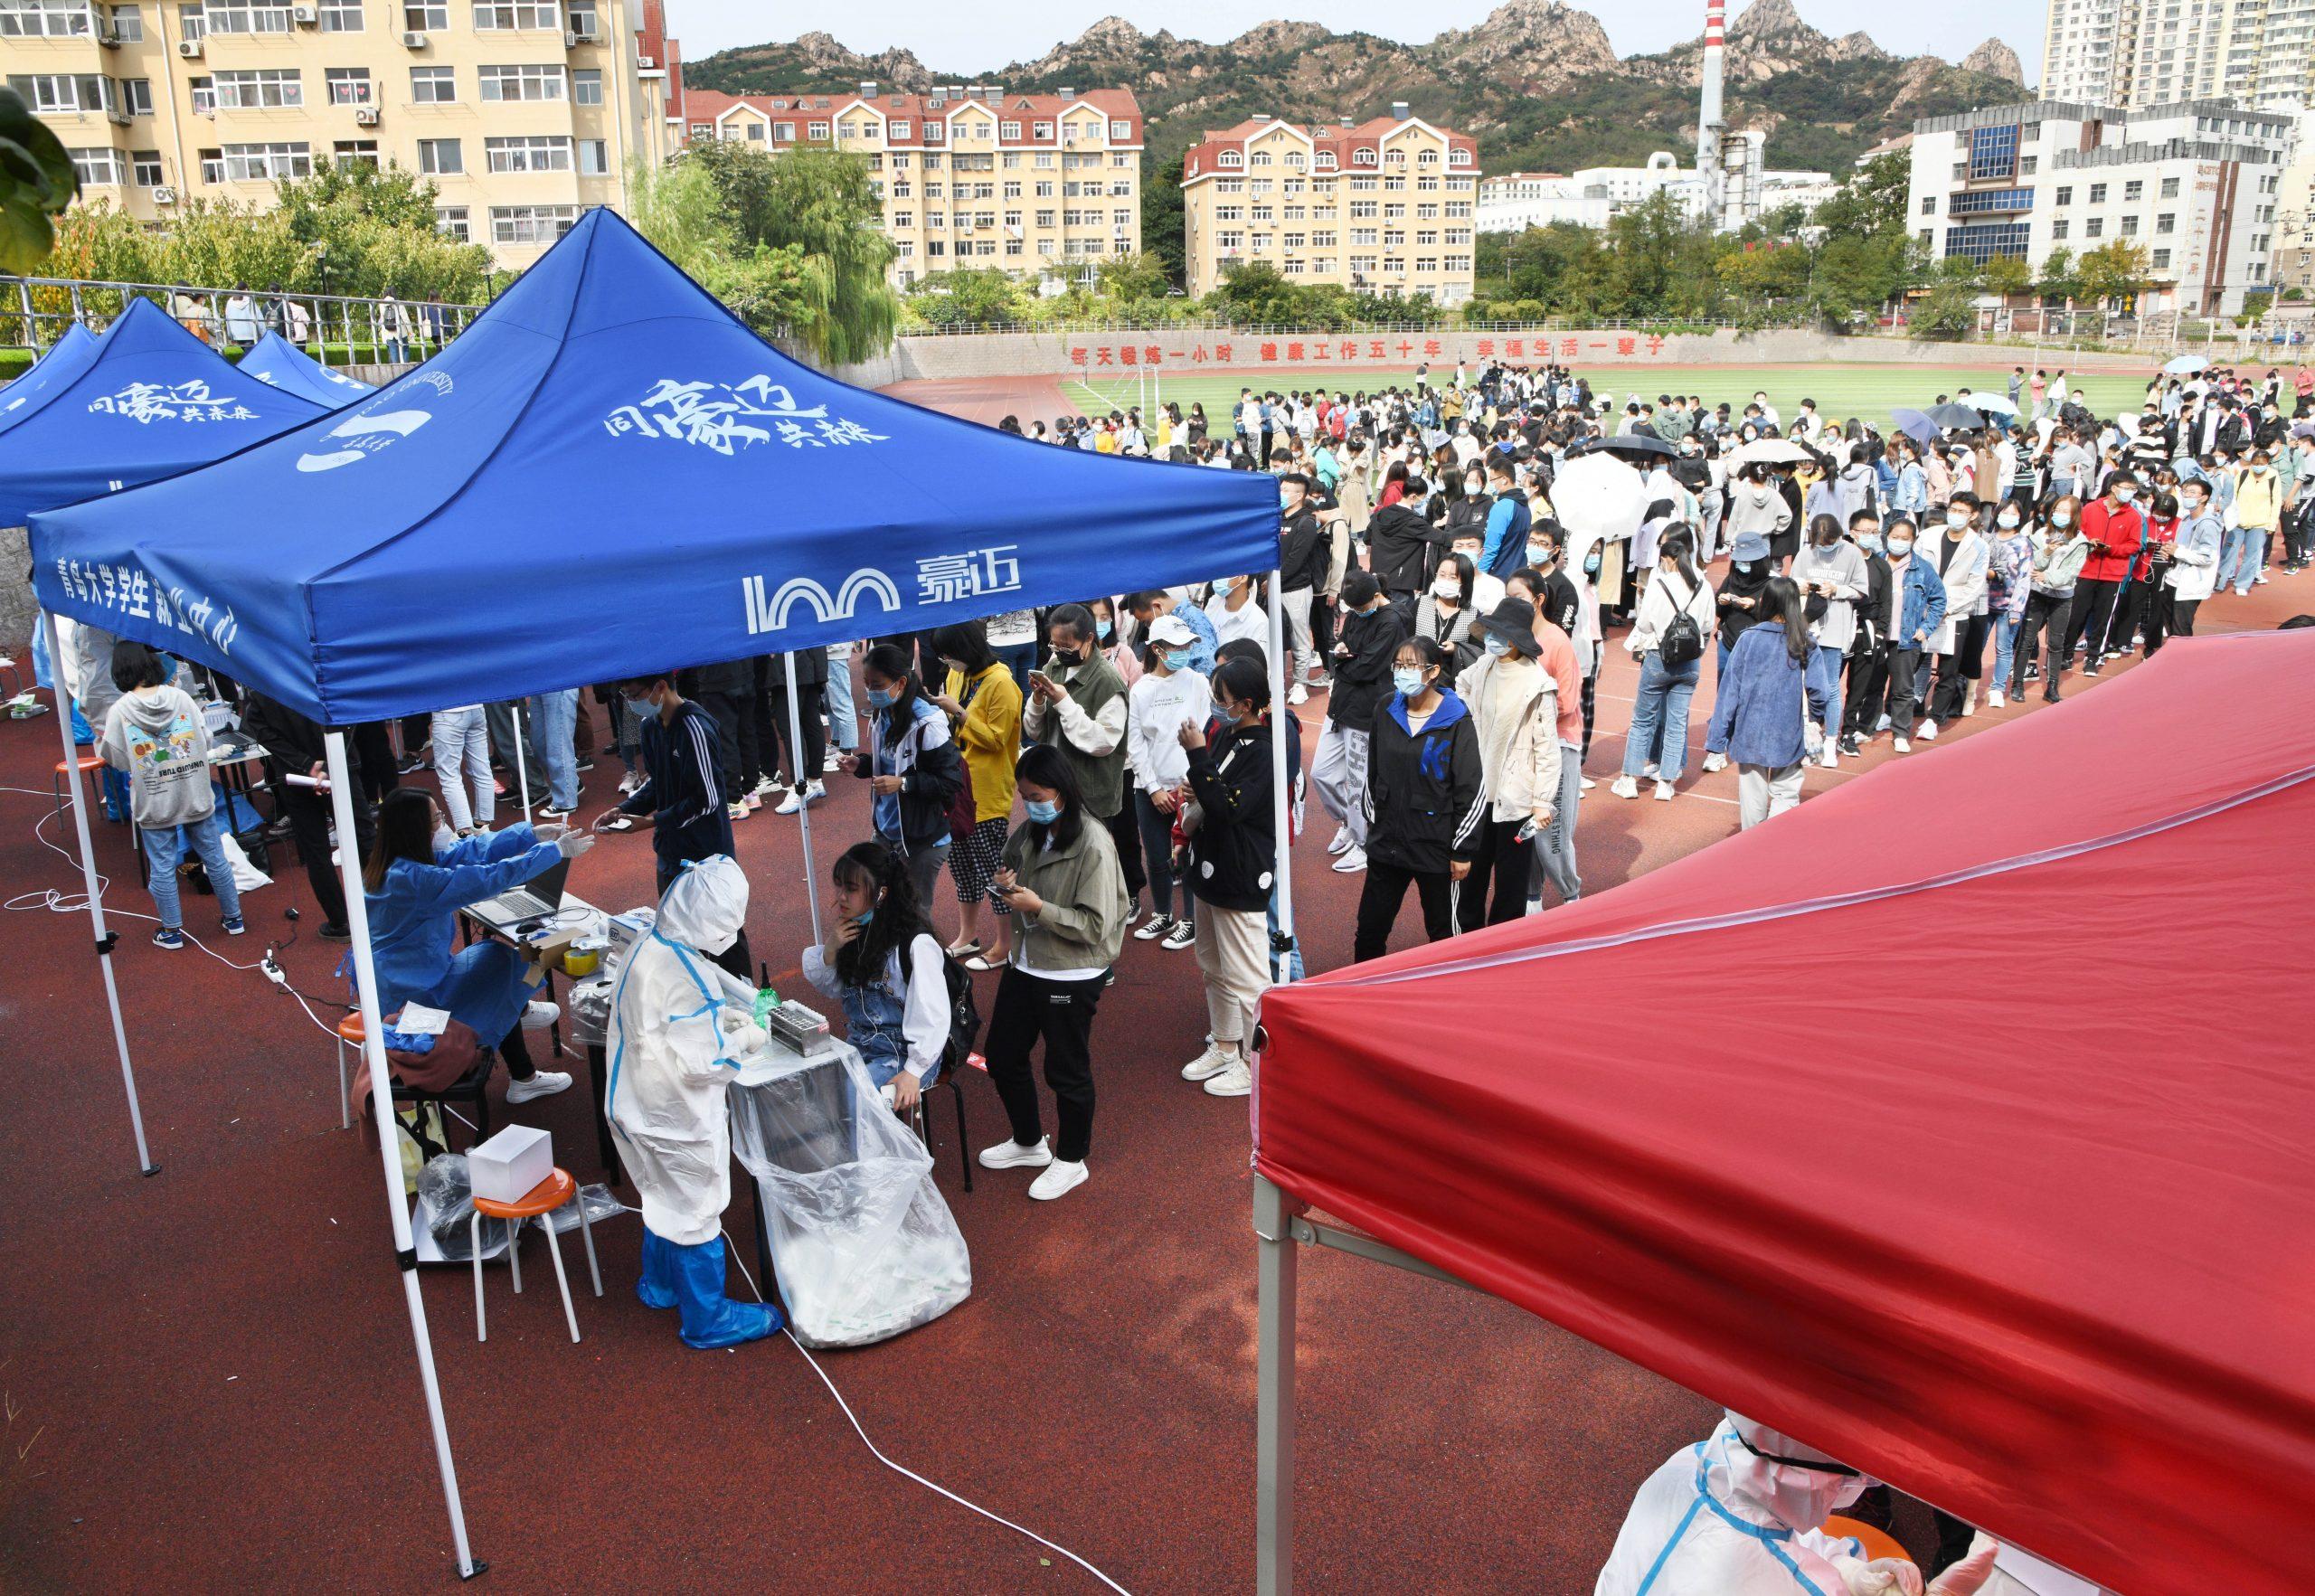 Realizan más de 7,5 millones de pruebas de COVID-19 en ciudad china de Qingdao